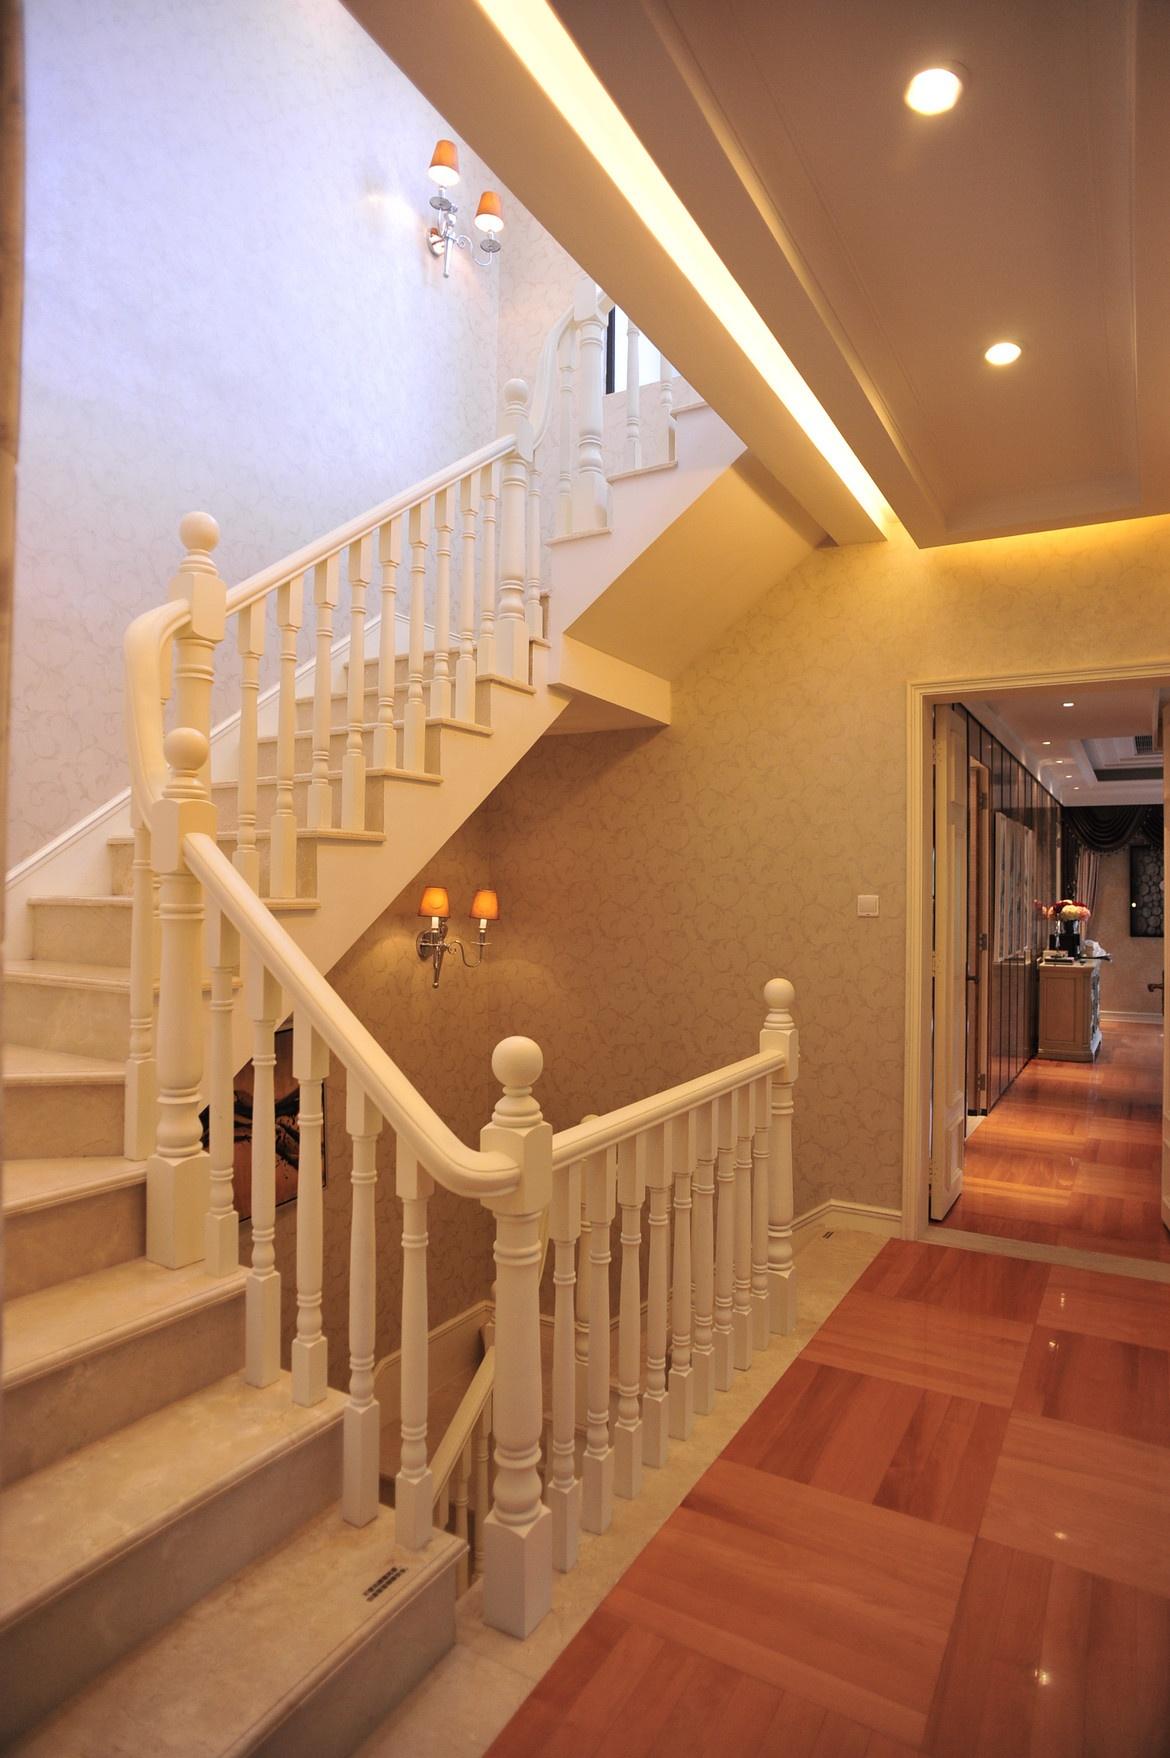 别墅旋转楼梯设计装修效果图_第2张 - 家居图库 - 九